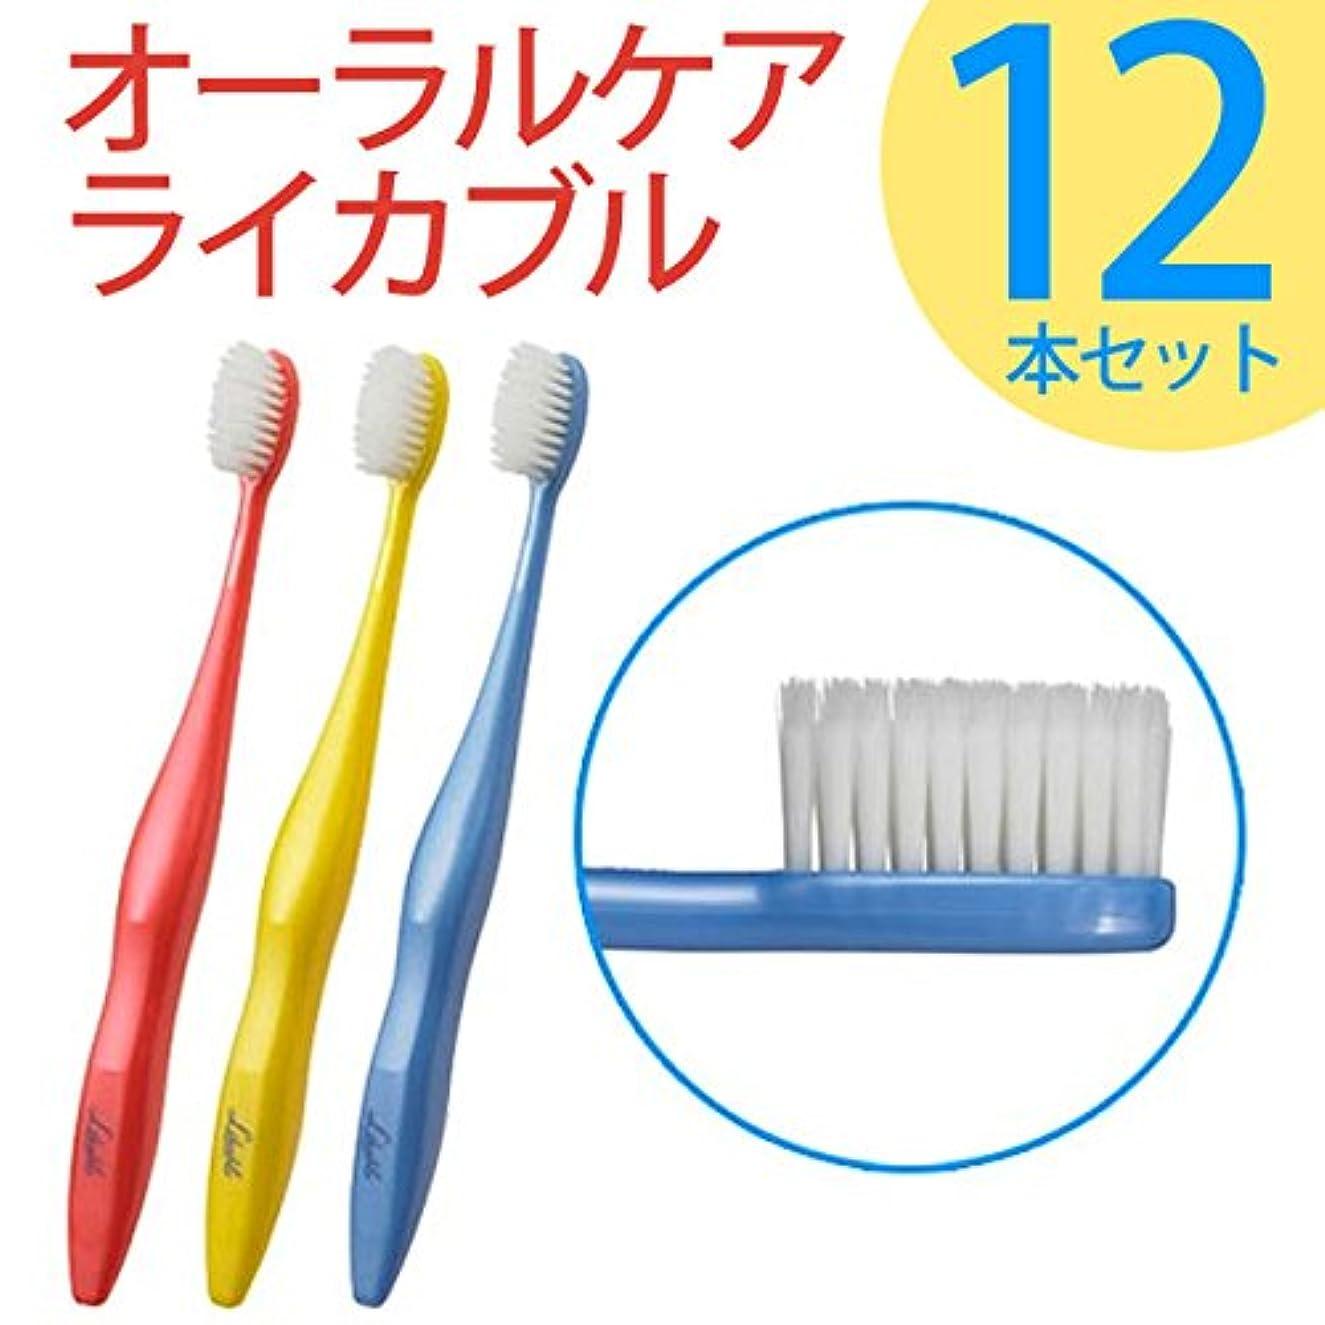 危険段落によってライカブル ライカブル メンテナンス用 歯ブラシ 12本セット